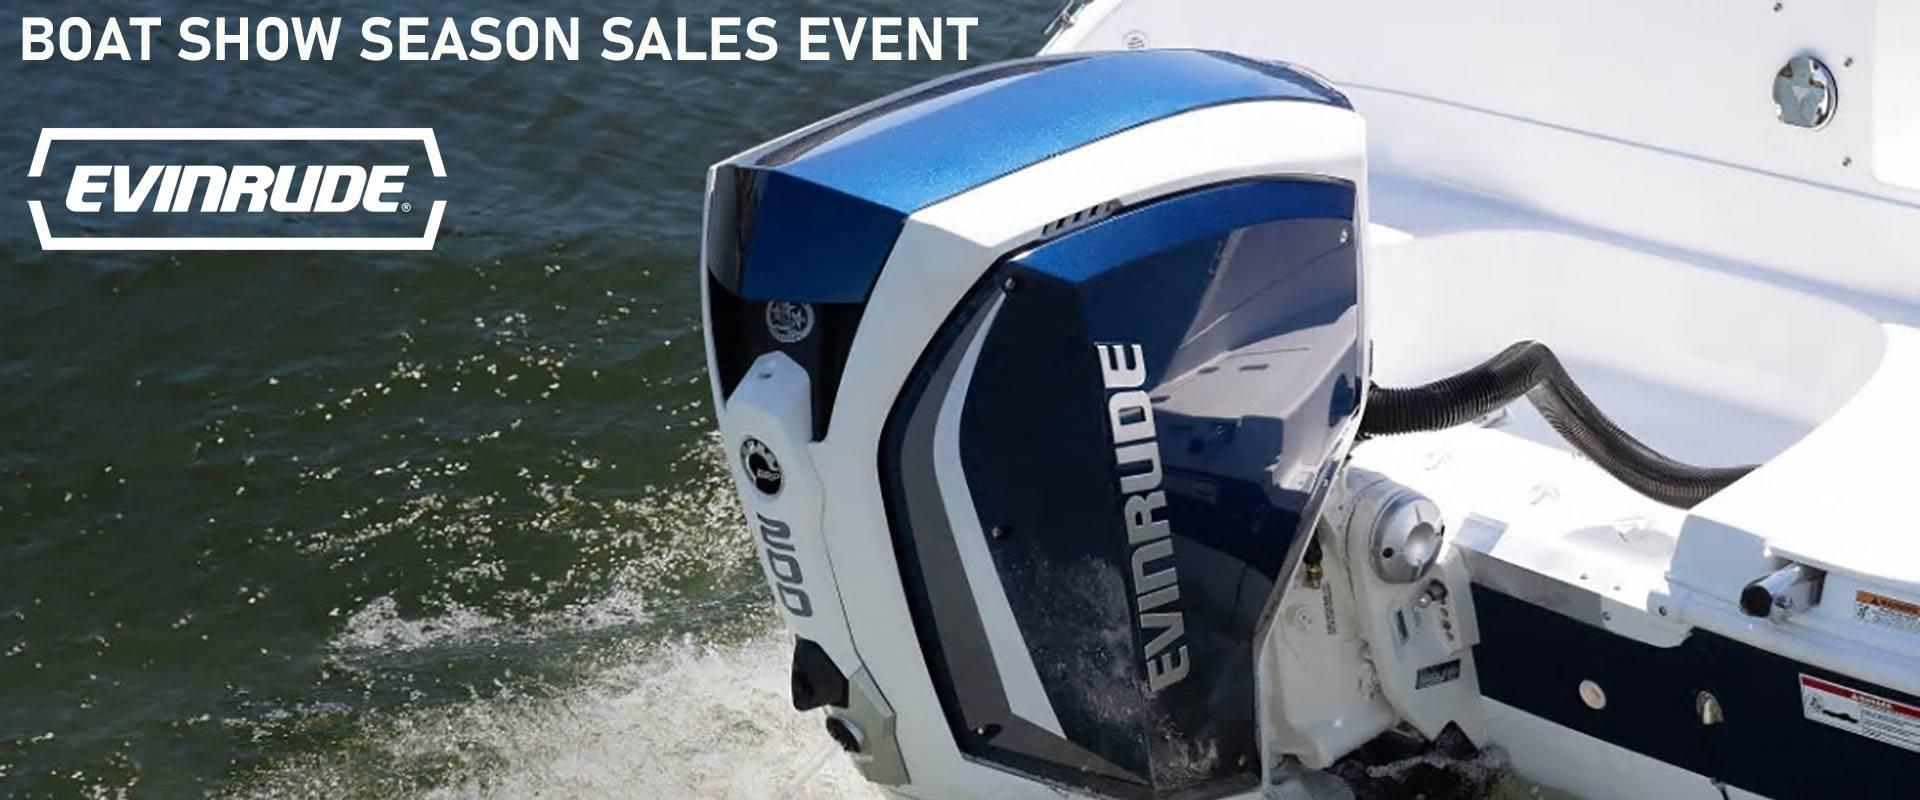 Evinrude Boat Show Season Sales Event promo